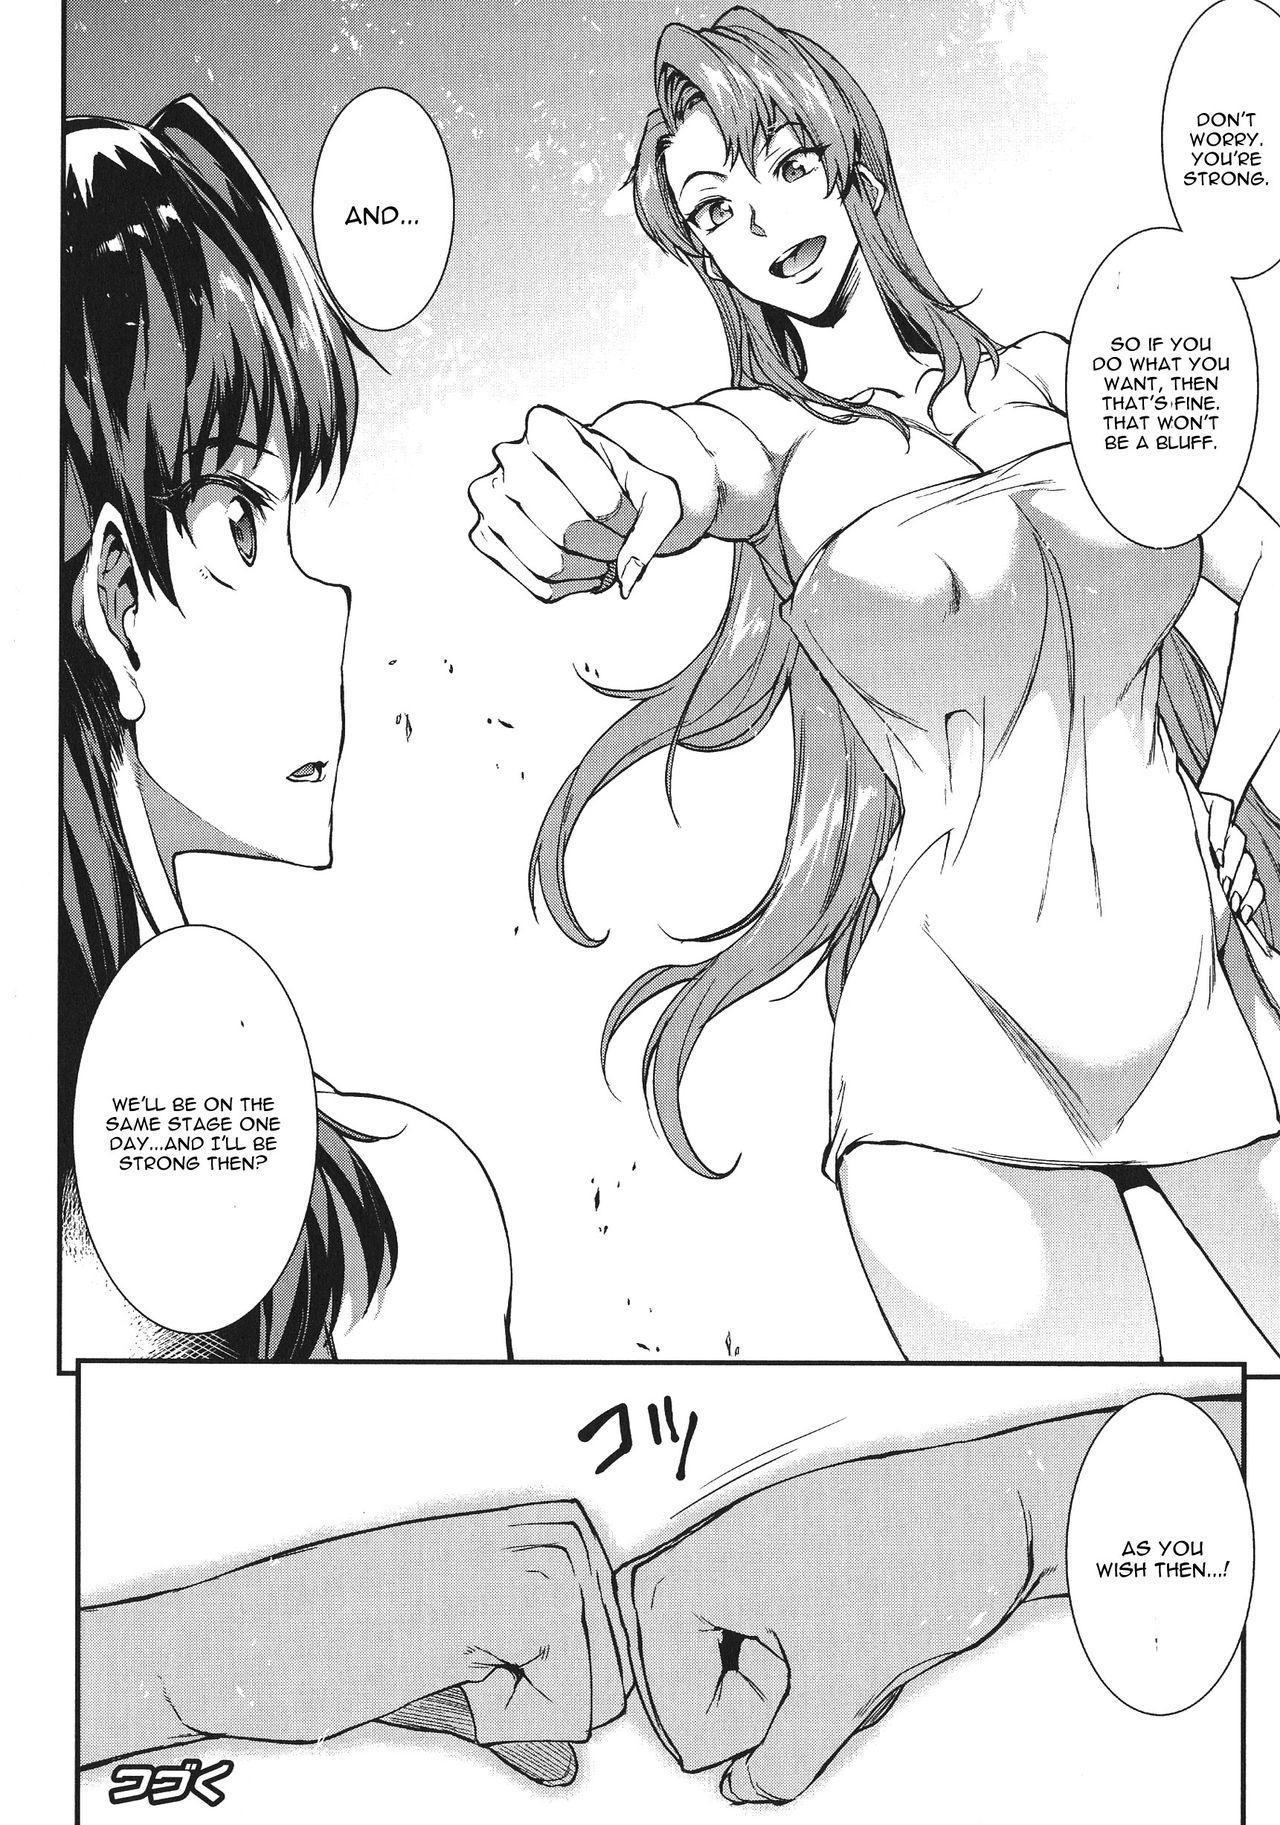 [Erect Sawaru] Raikou Shinki Igis Magia -PANDRA saga 3rd ignition- Ch. 1-5 [English] [CGrascal] 127